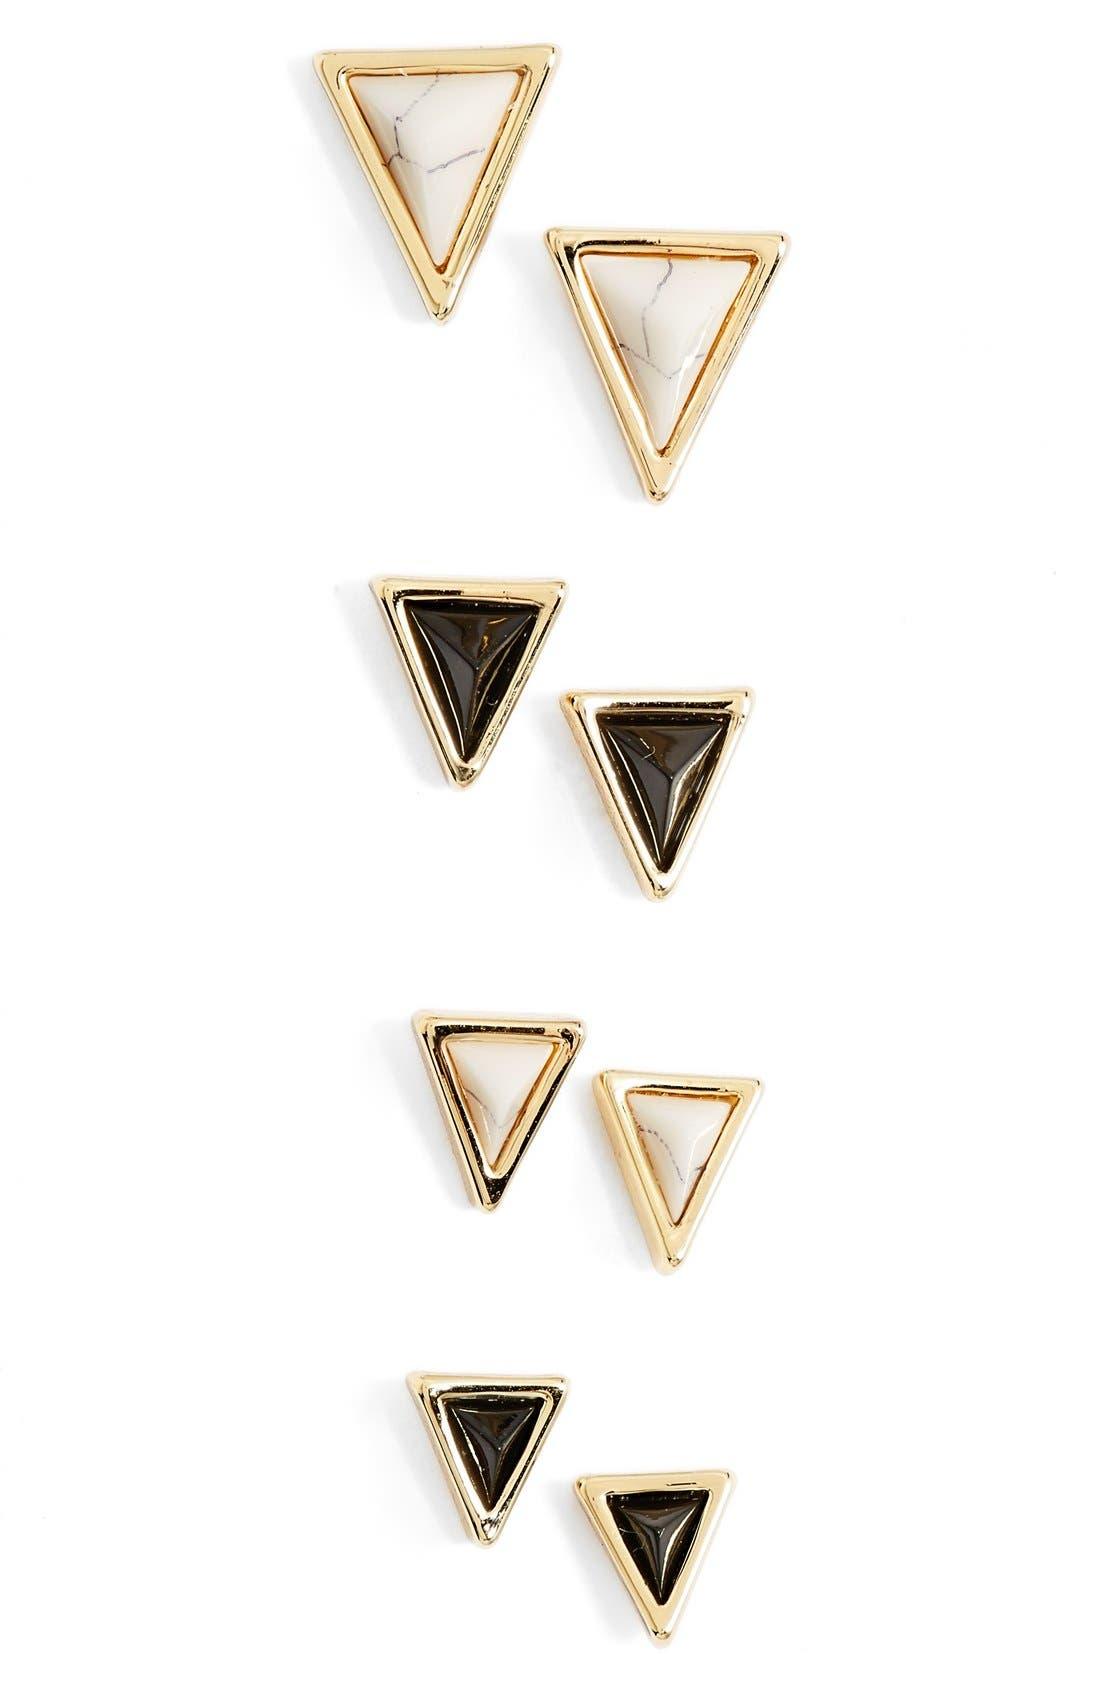 Alternate Image 1 Selected - House of Harlow 1960 'Meteoria' Stud Earrings (Set of 4)